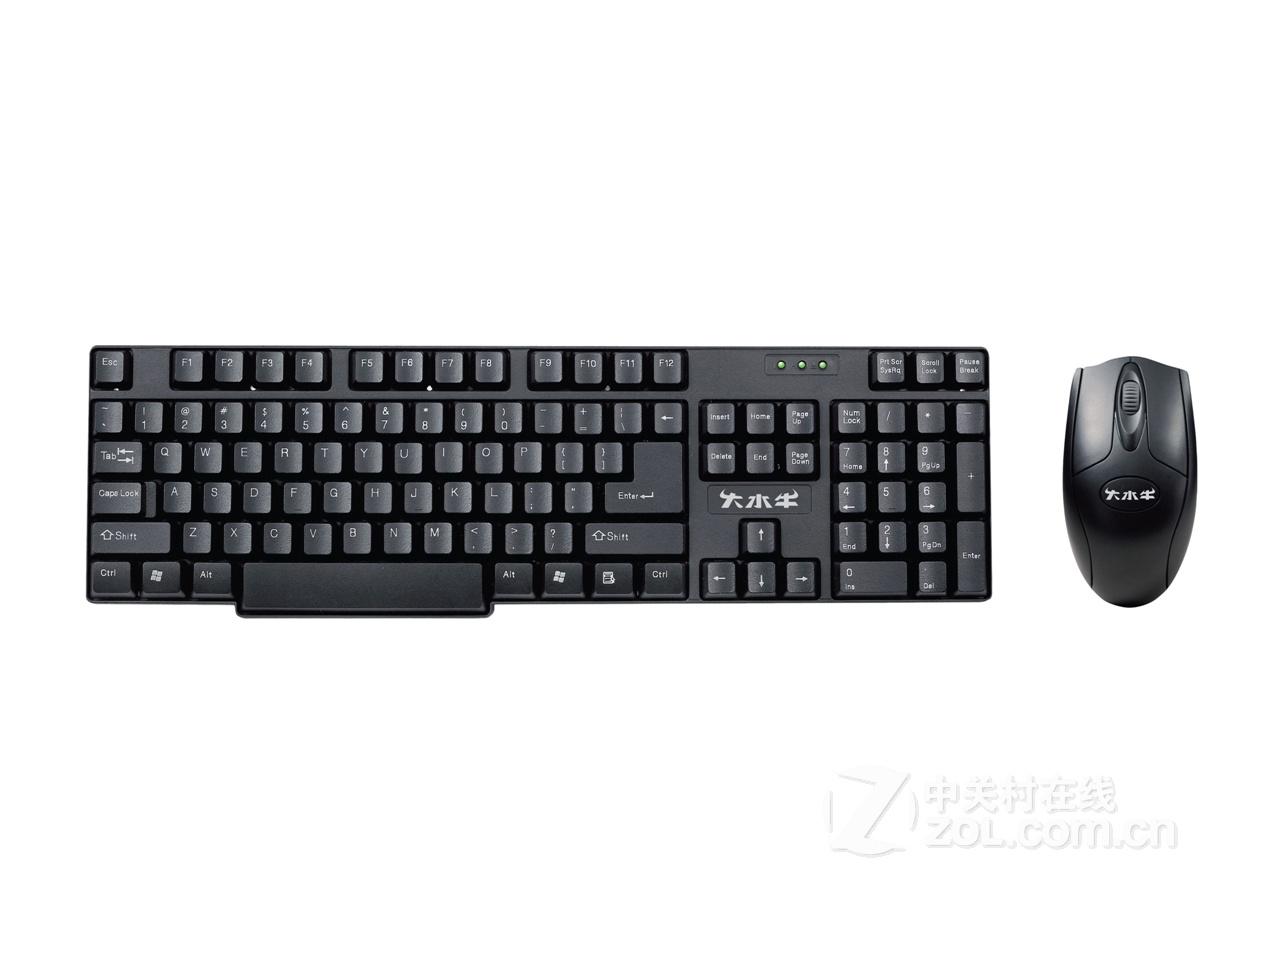 大水牛5200键鼠套装; 大水牛5200键鼠套装 防水键盘usb鼠标 大水牛键